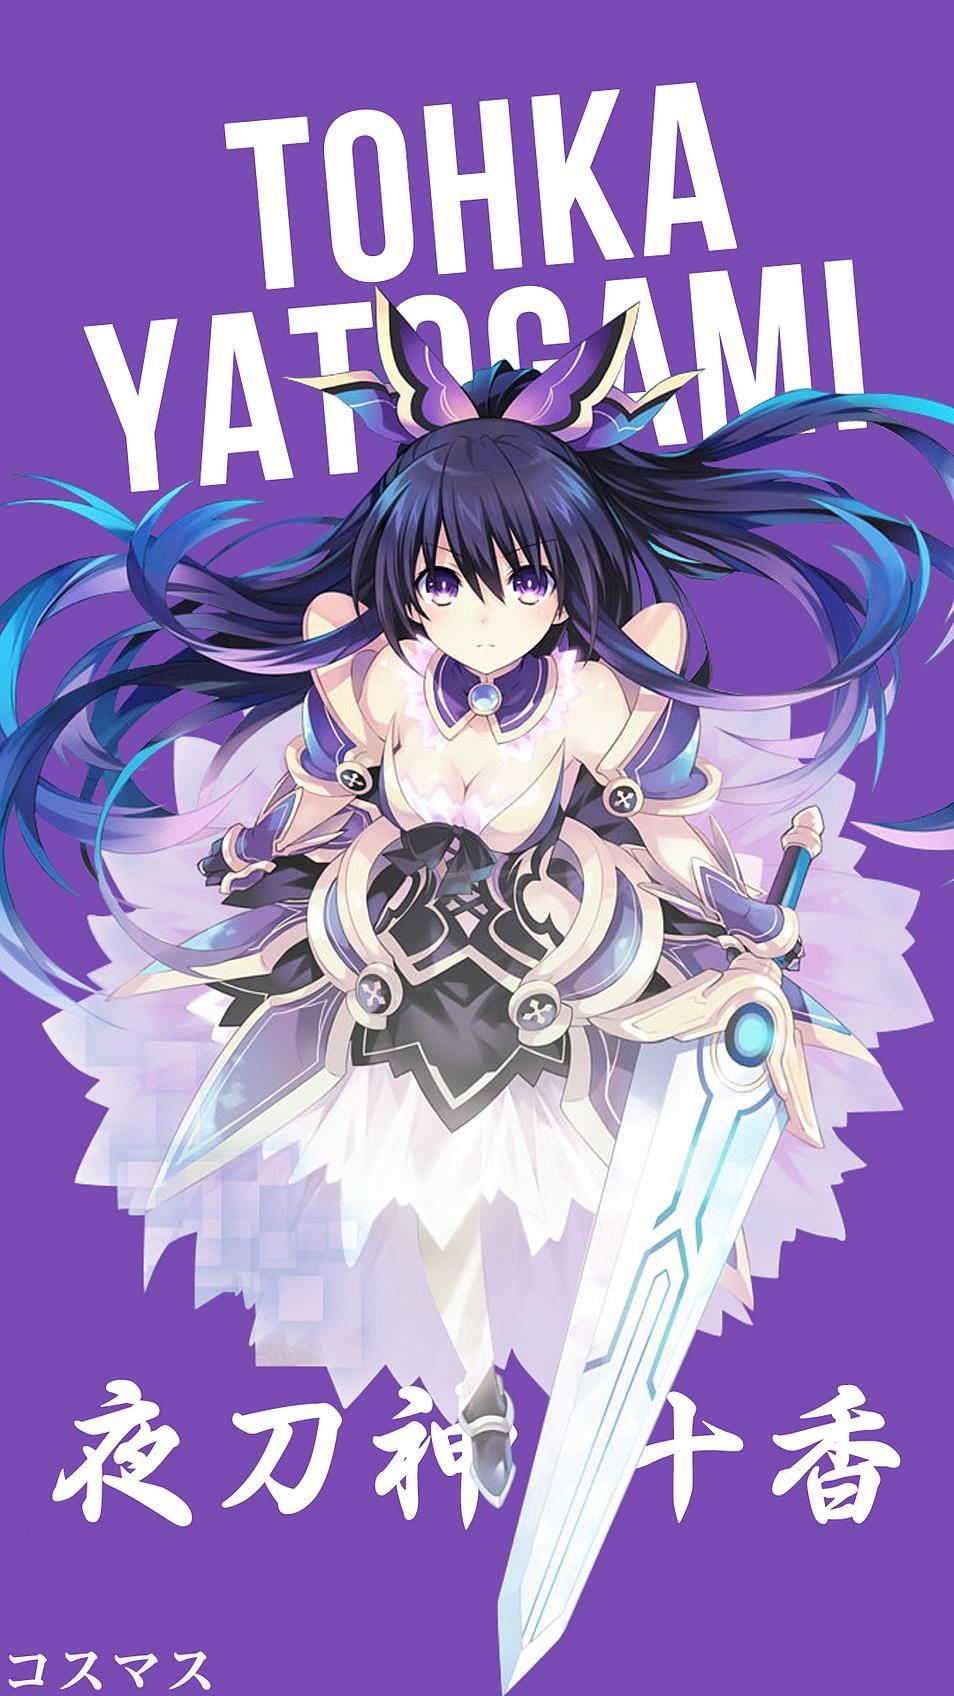 TOHKA YATOGAMI V2 -CSMS.jpg